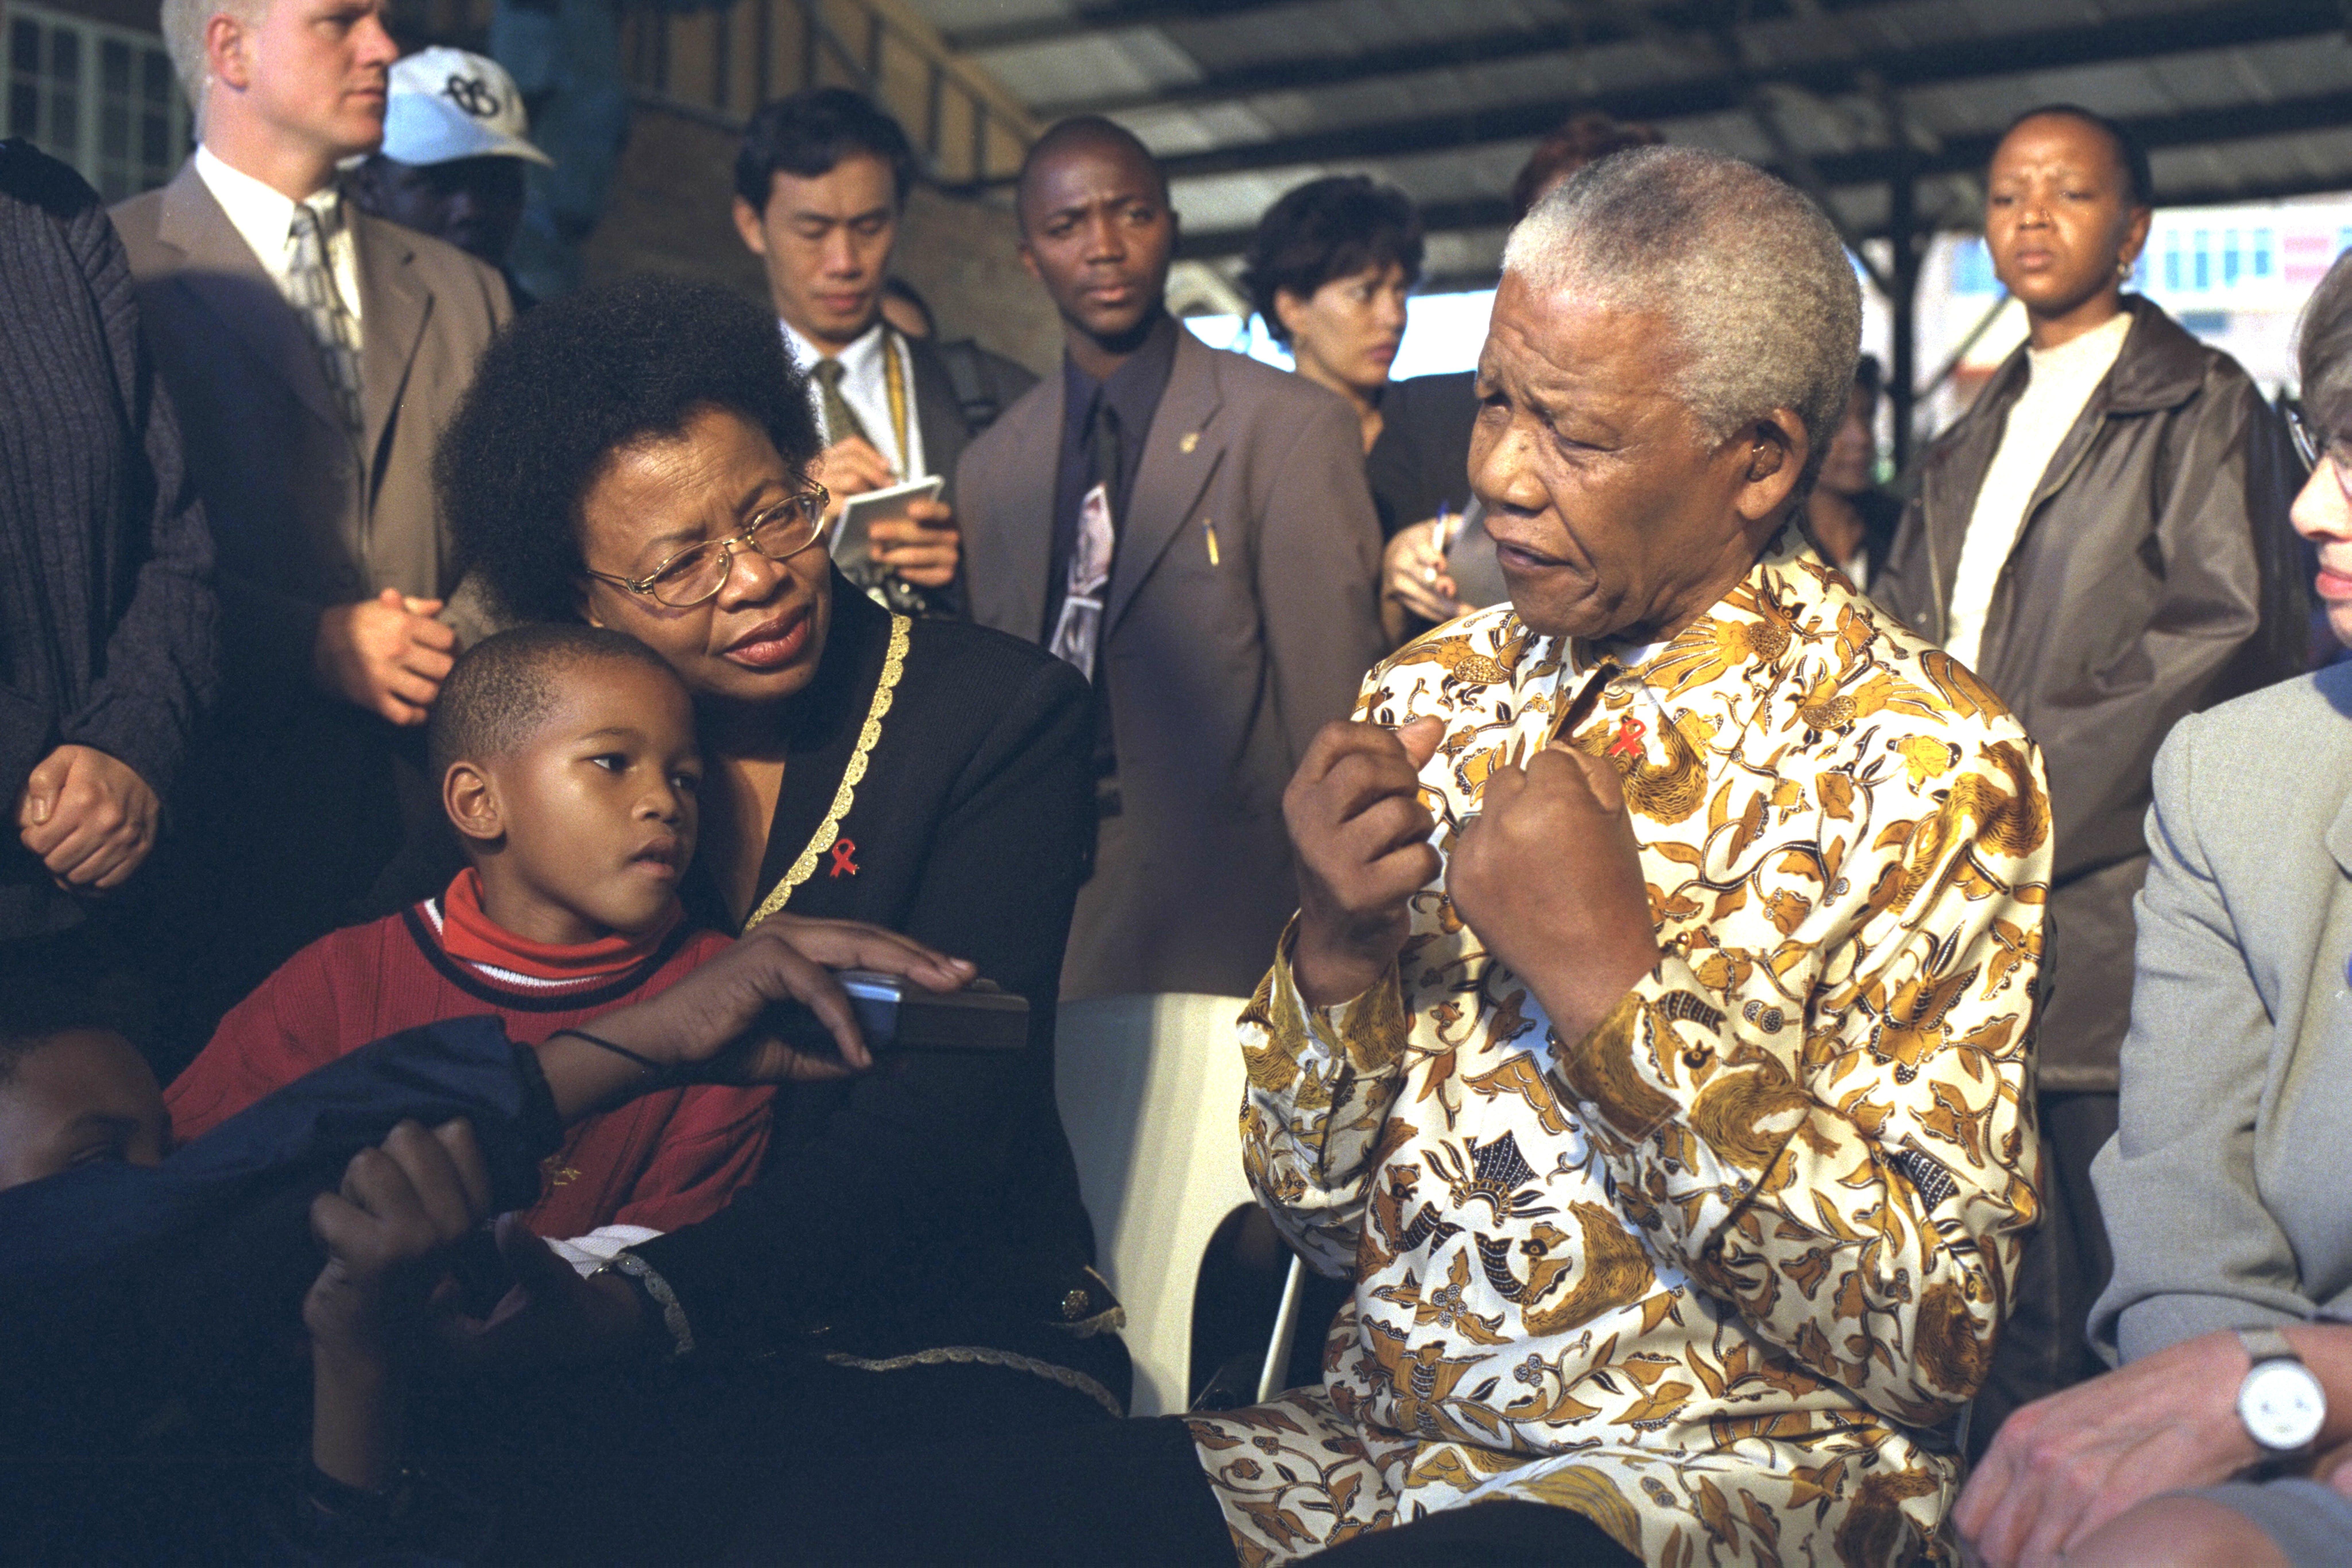 Sudafrica, 2000: Graca Machel tiene in braccio un bambino mentre Nelson Mandela risponde ad alcune domande alla fine di un evento presso l'Afrikan Cultural Centre.